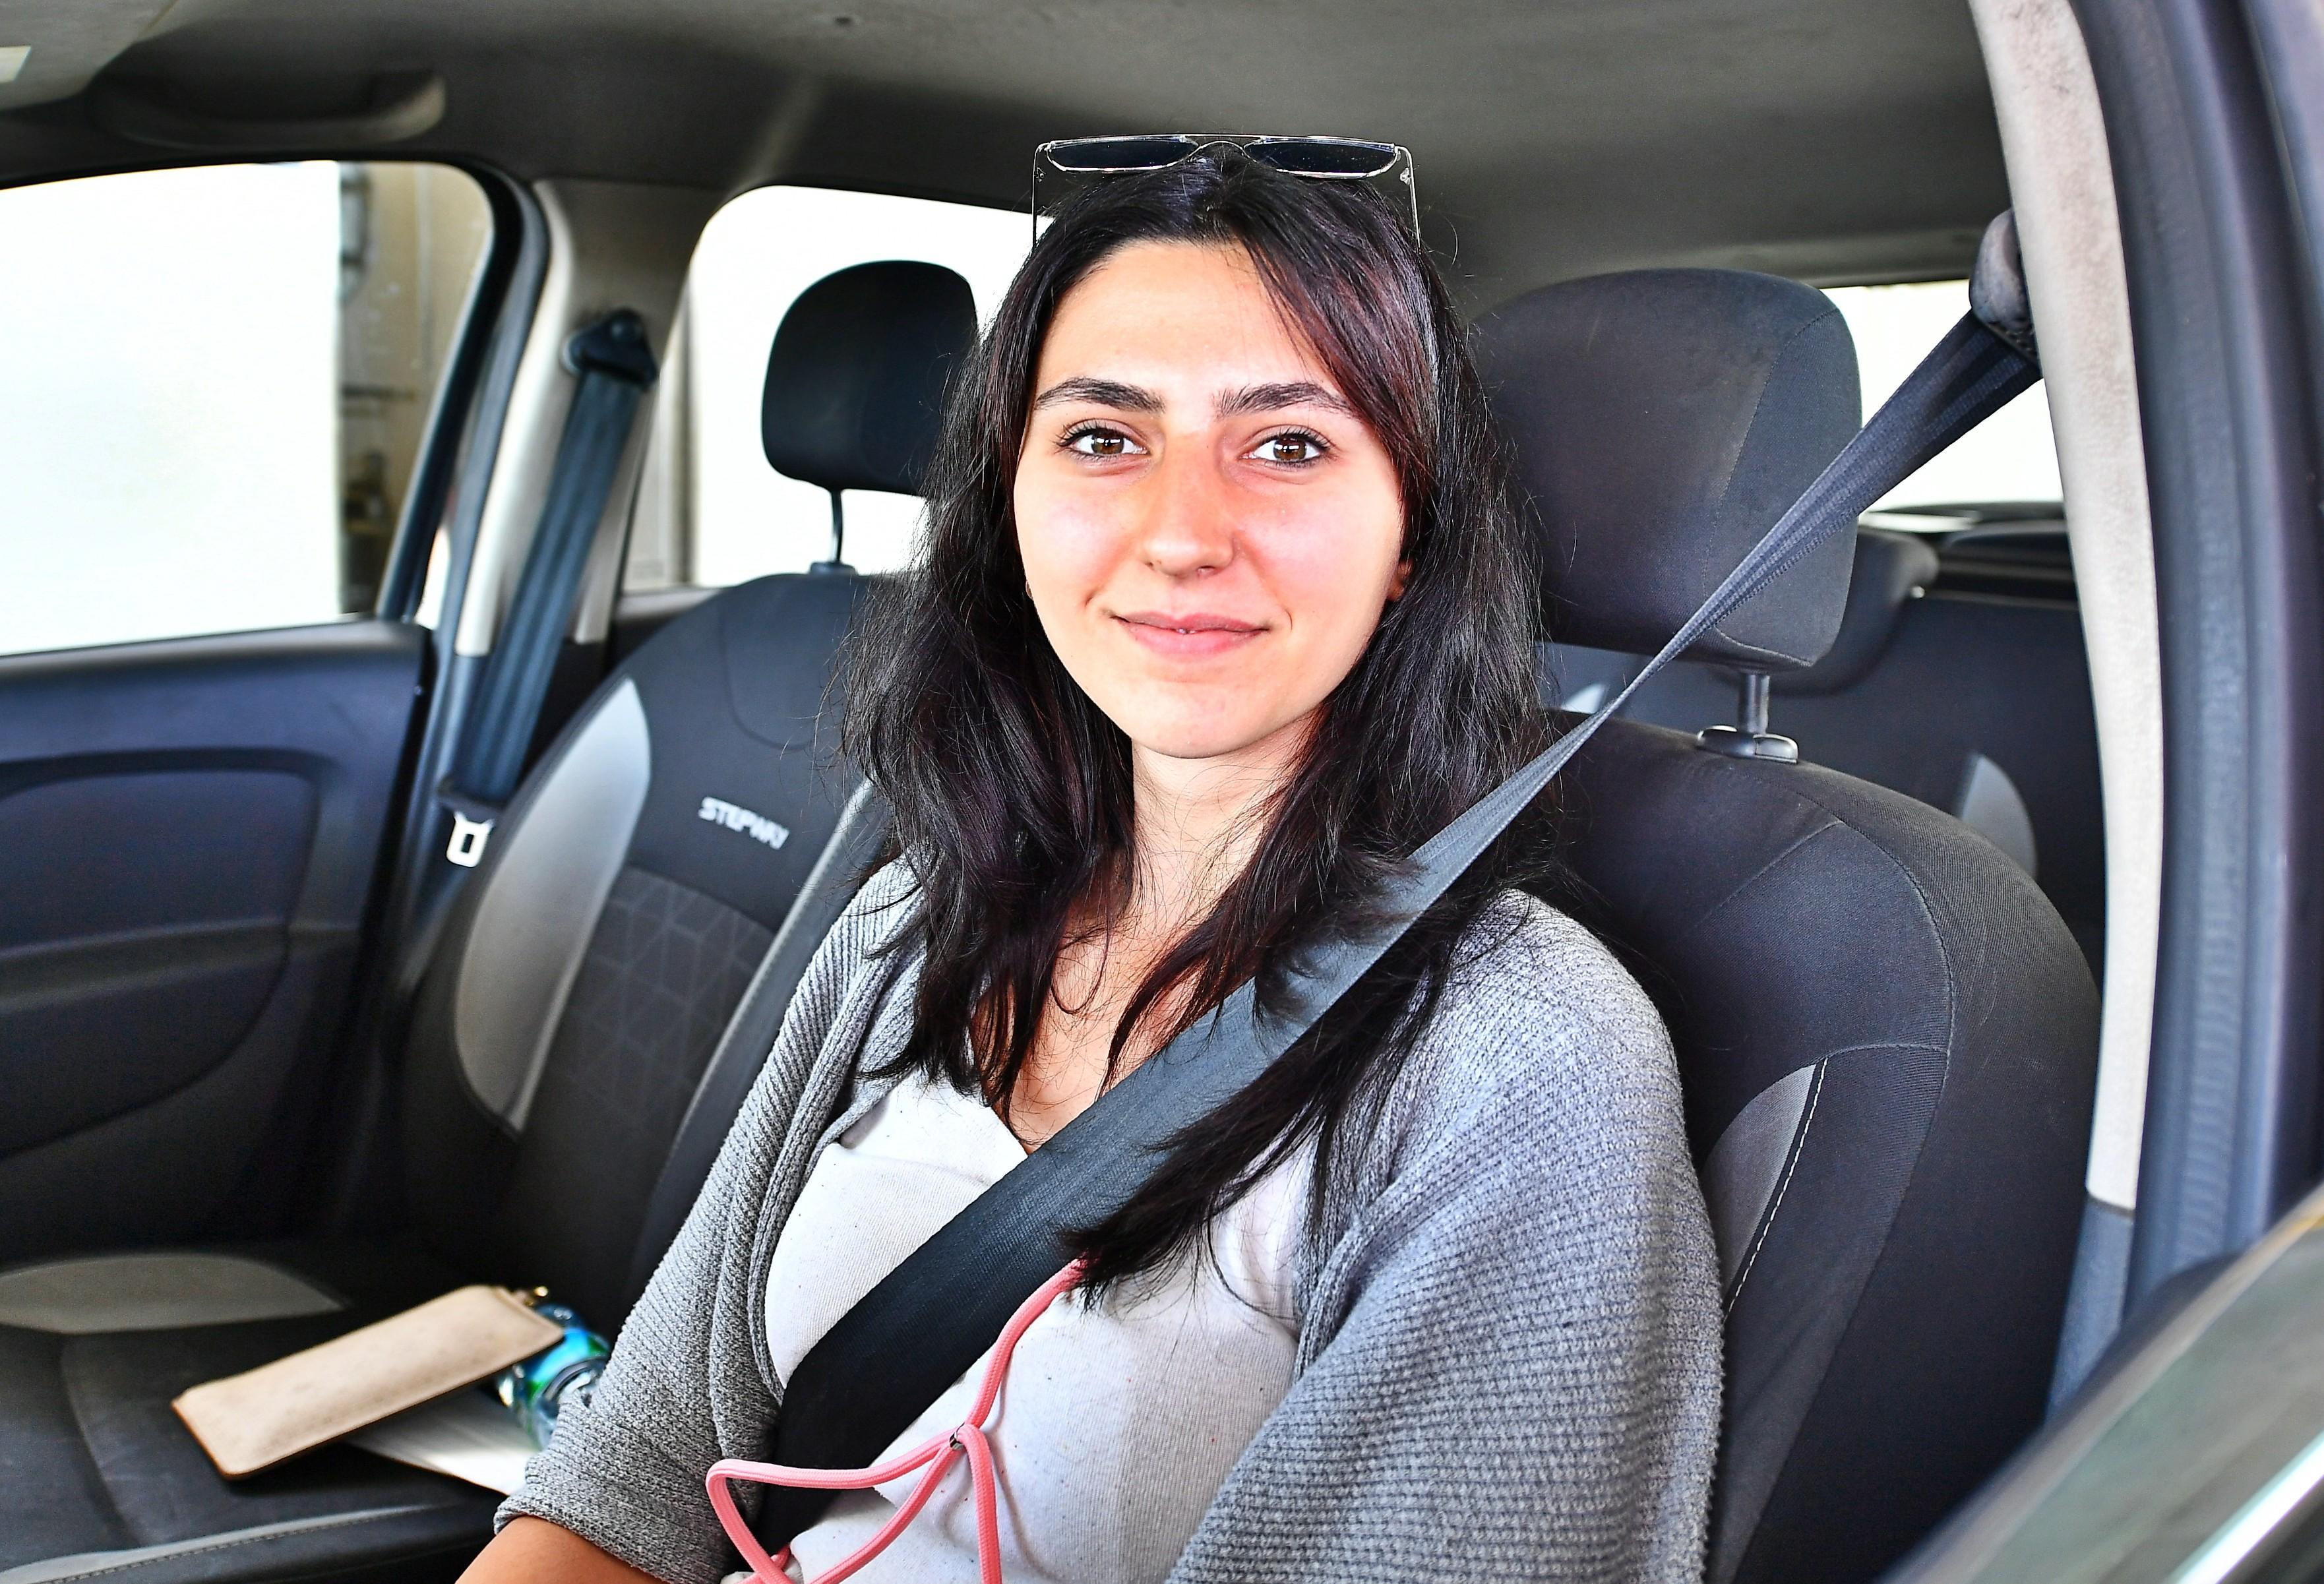 İZDENİZ'in ilk kadın güverte personeli Tuğba Çokoğullu-simay atar